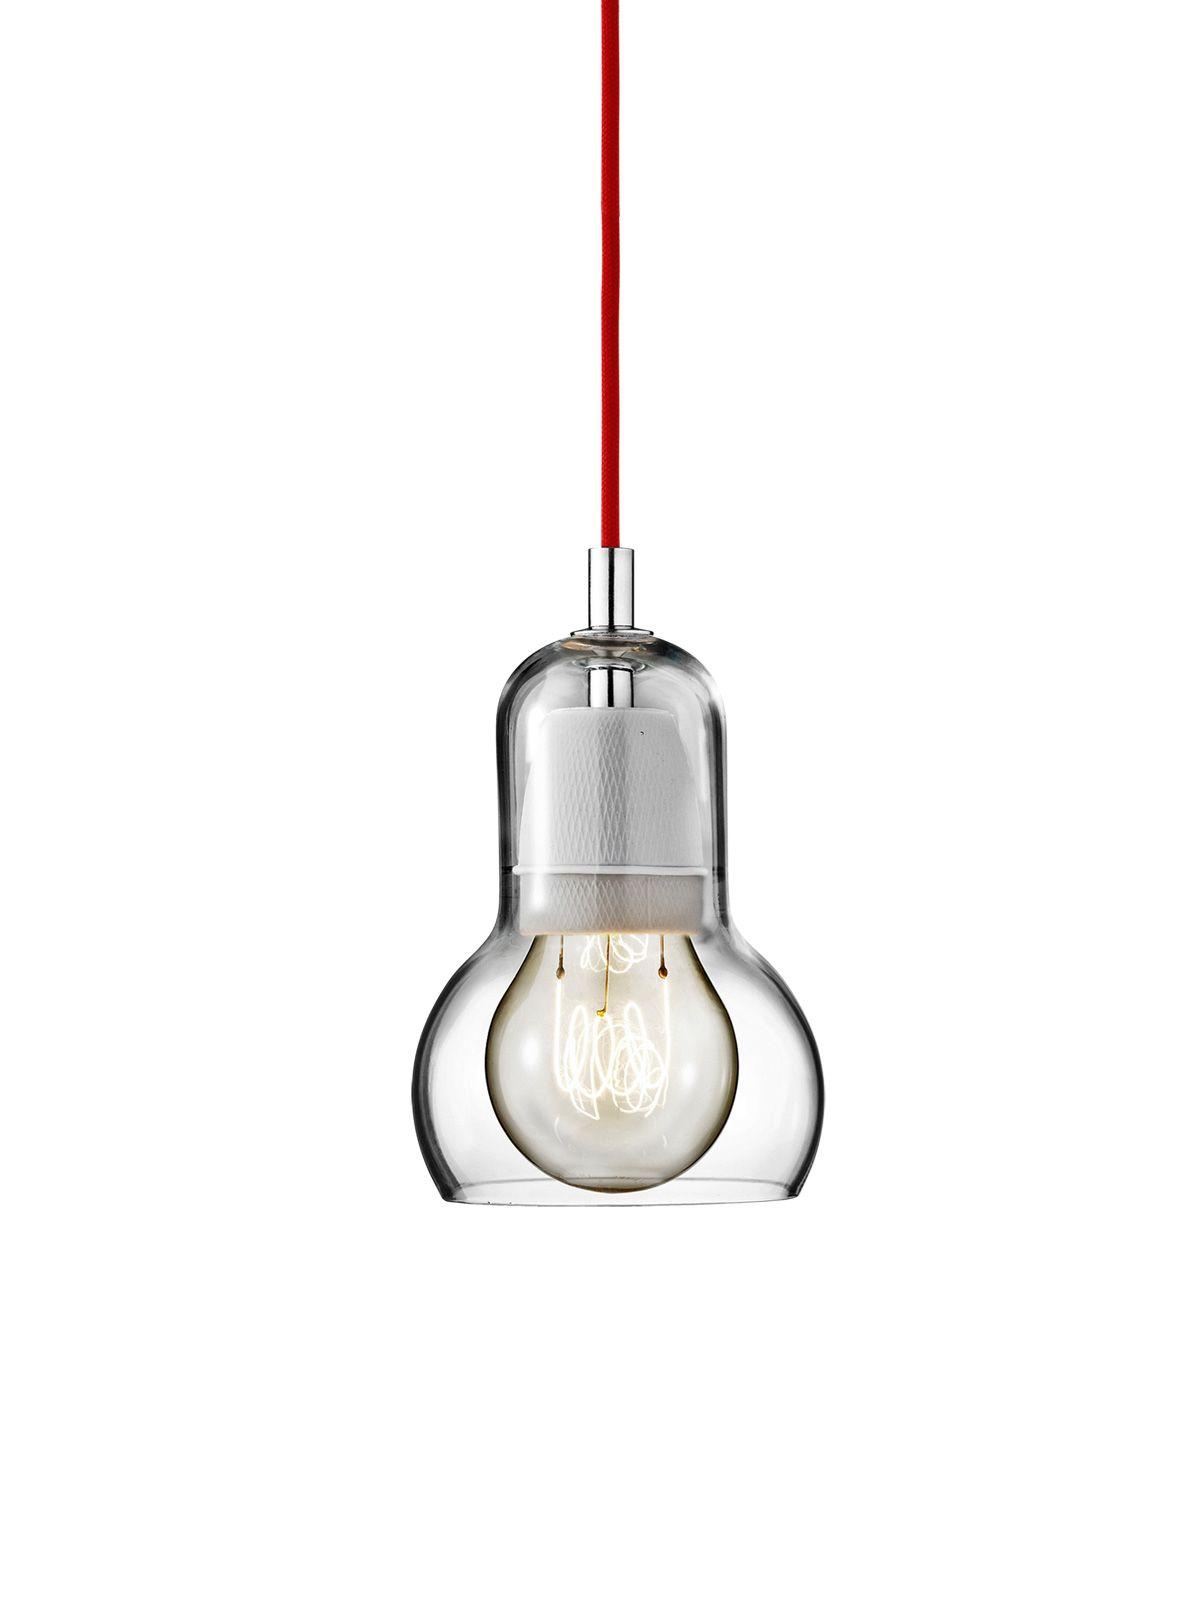 Bulb Sr1 Lampe Leuchte Skandinavisch Design